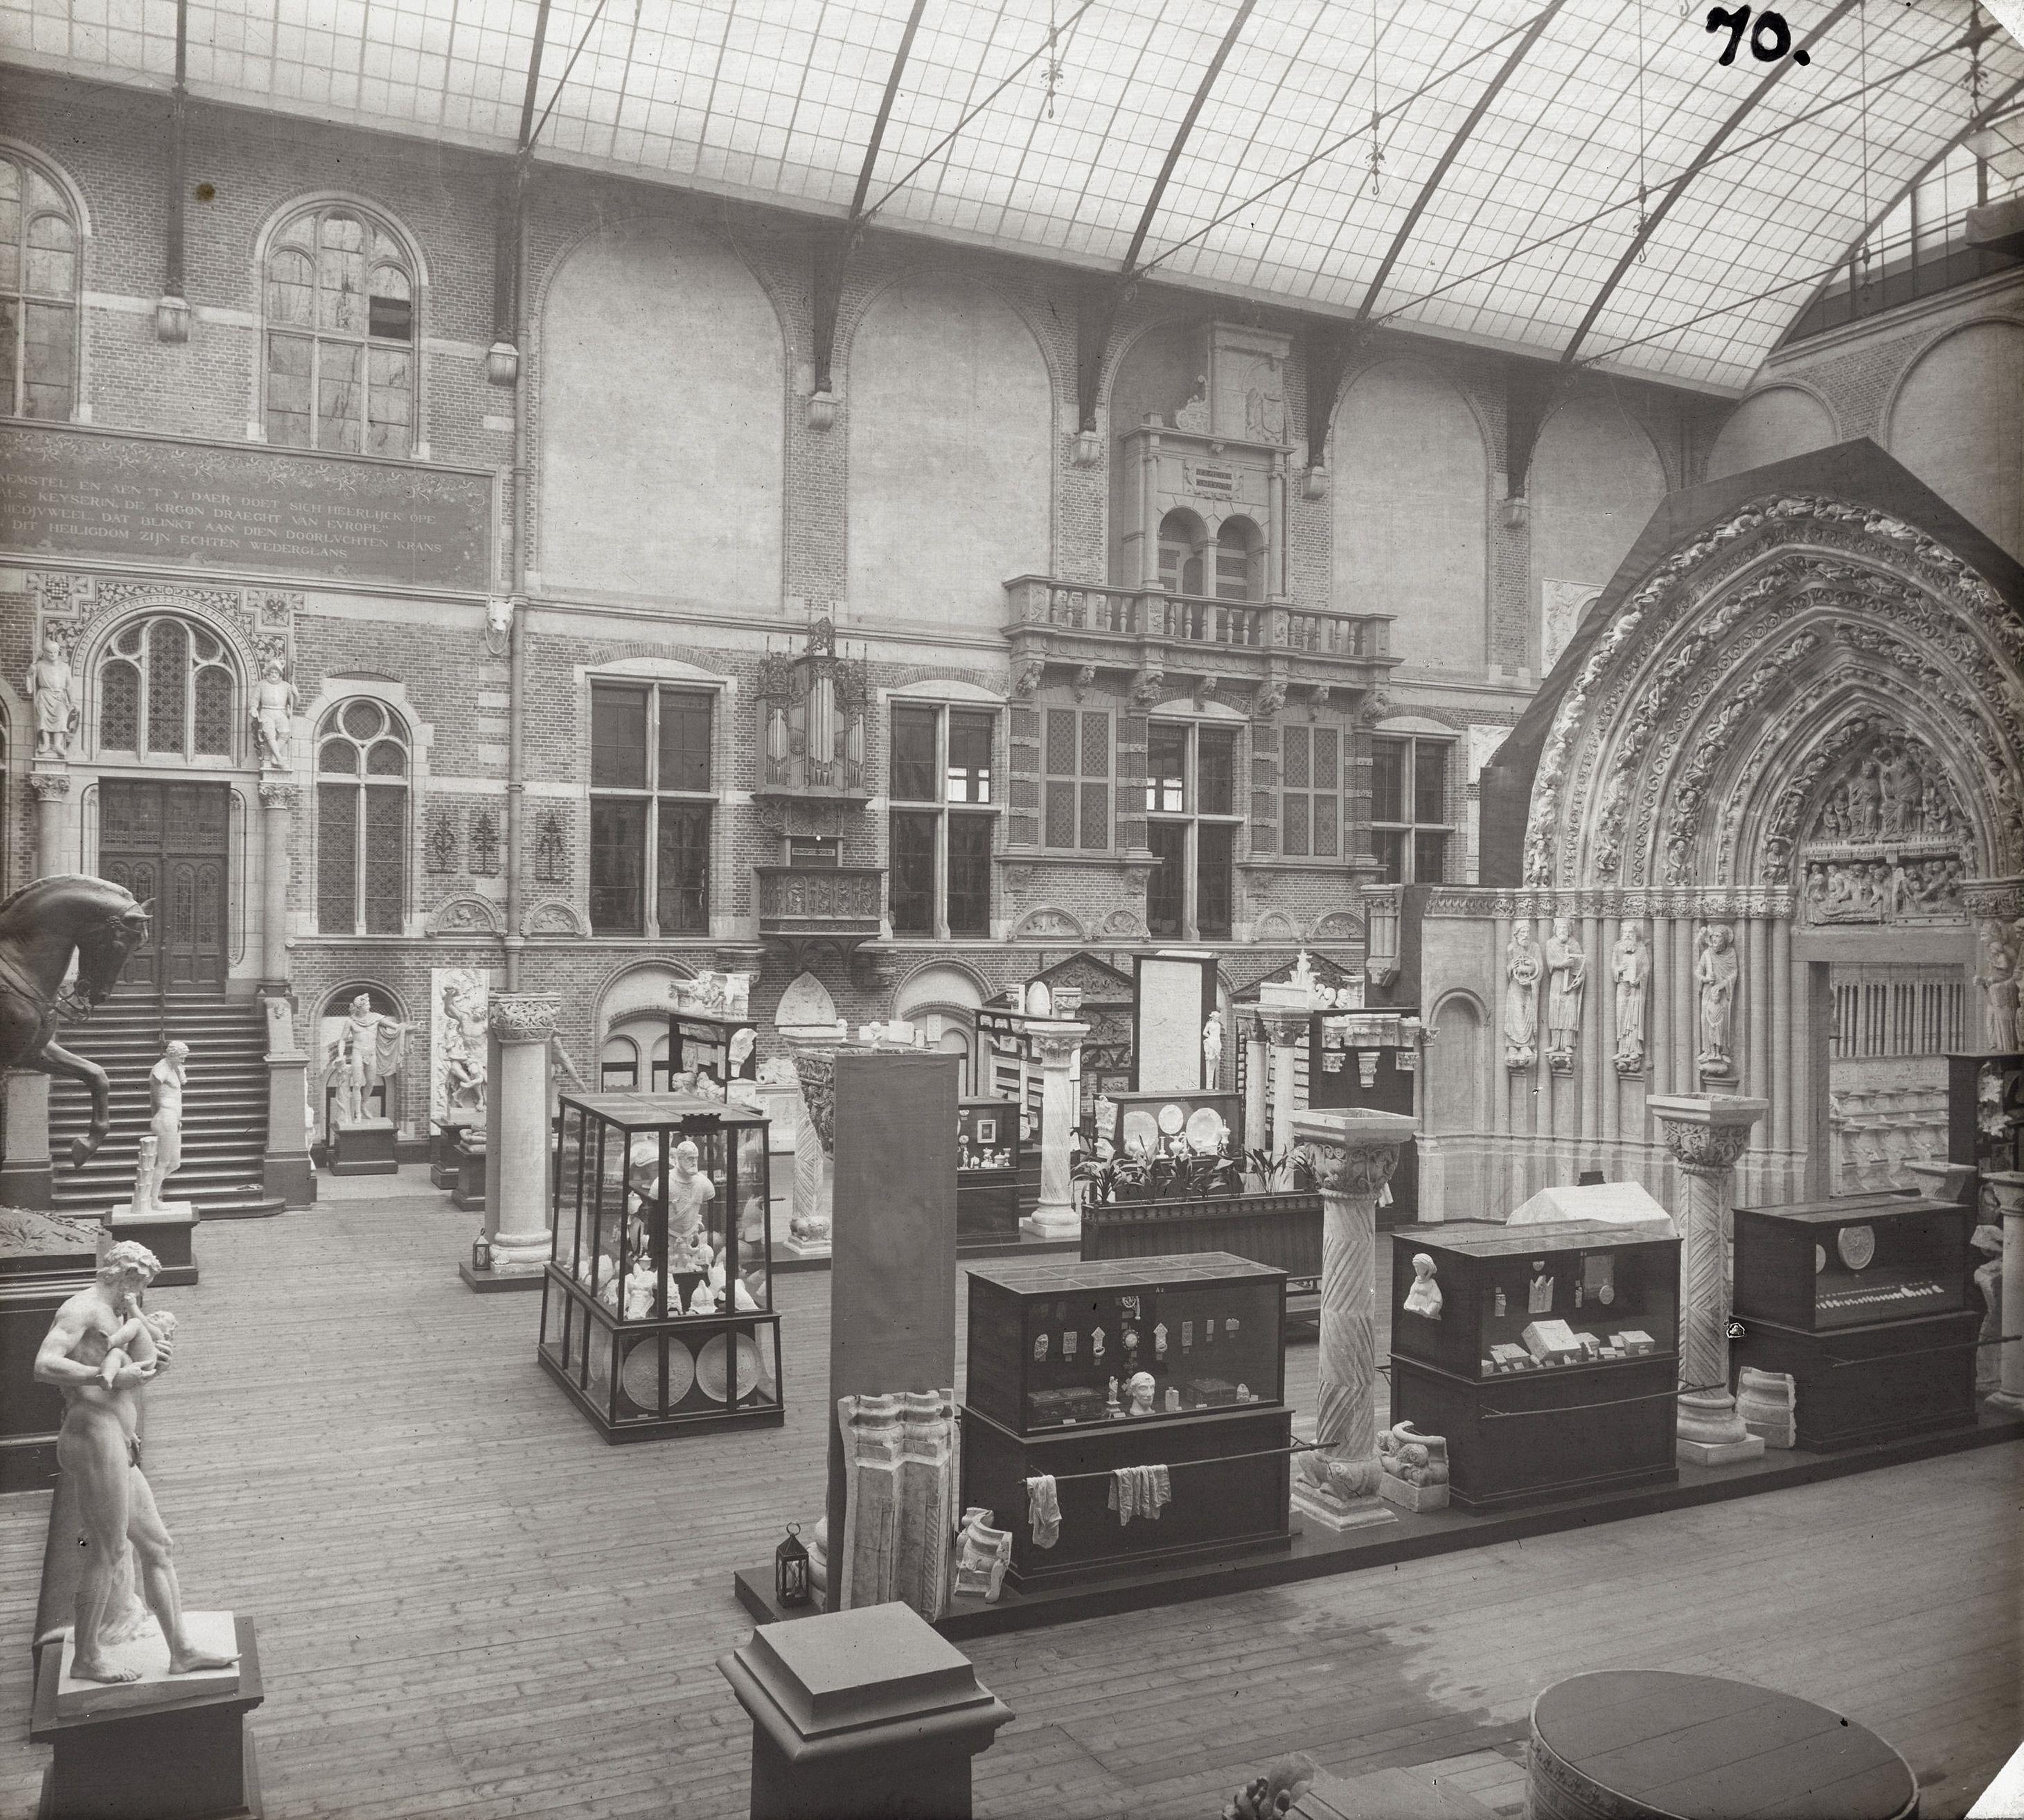 https://upload.wikimedia.org/wikipedia/commons/6/6b/Rijksmuseum_Amsterdam_Interior_004.jpg